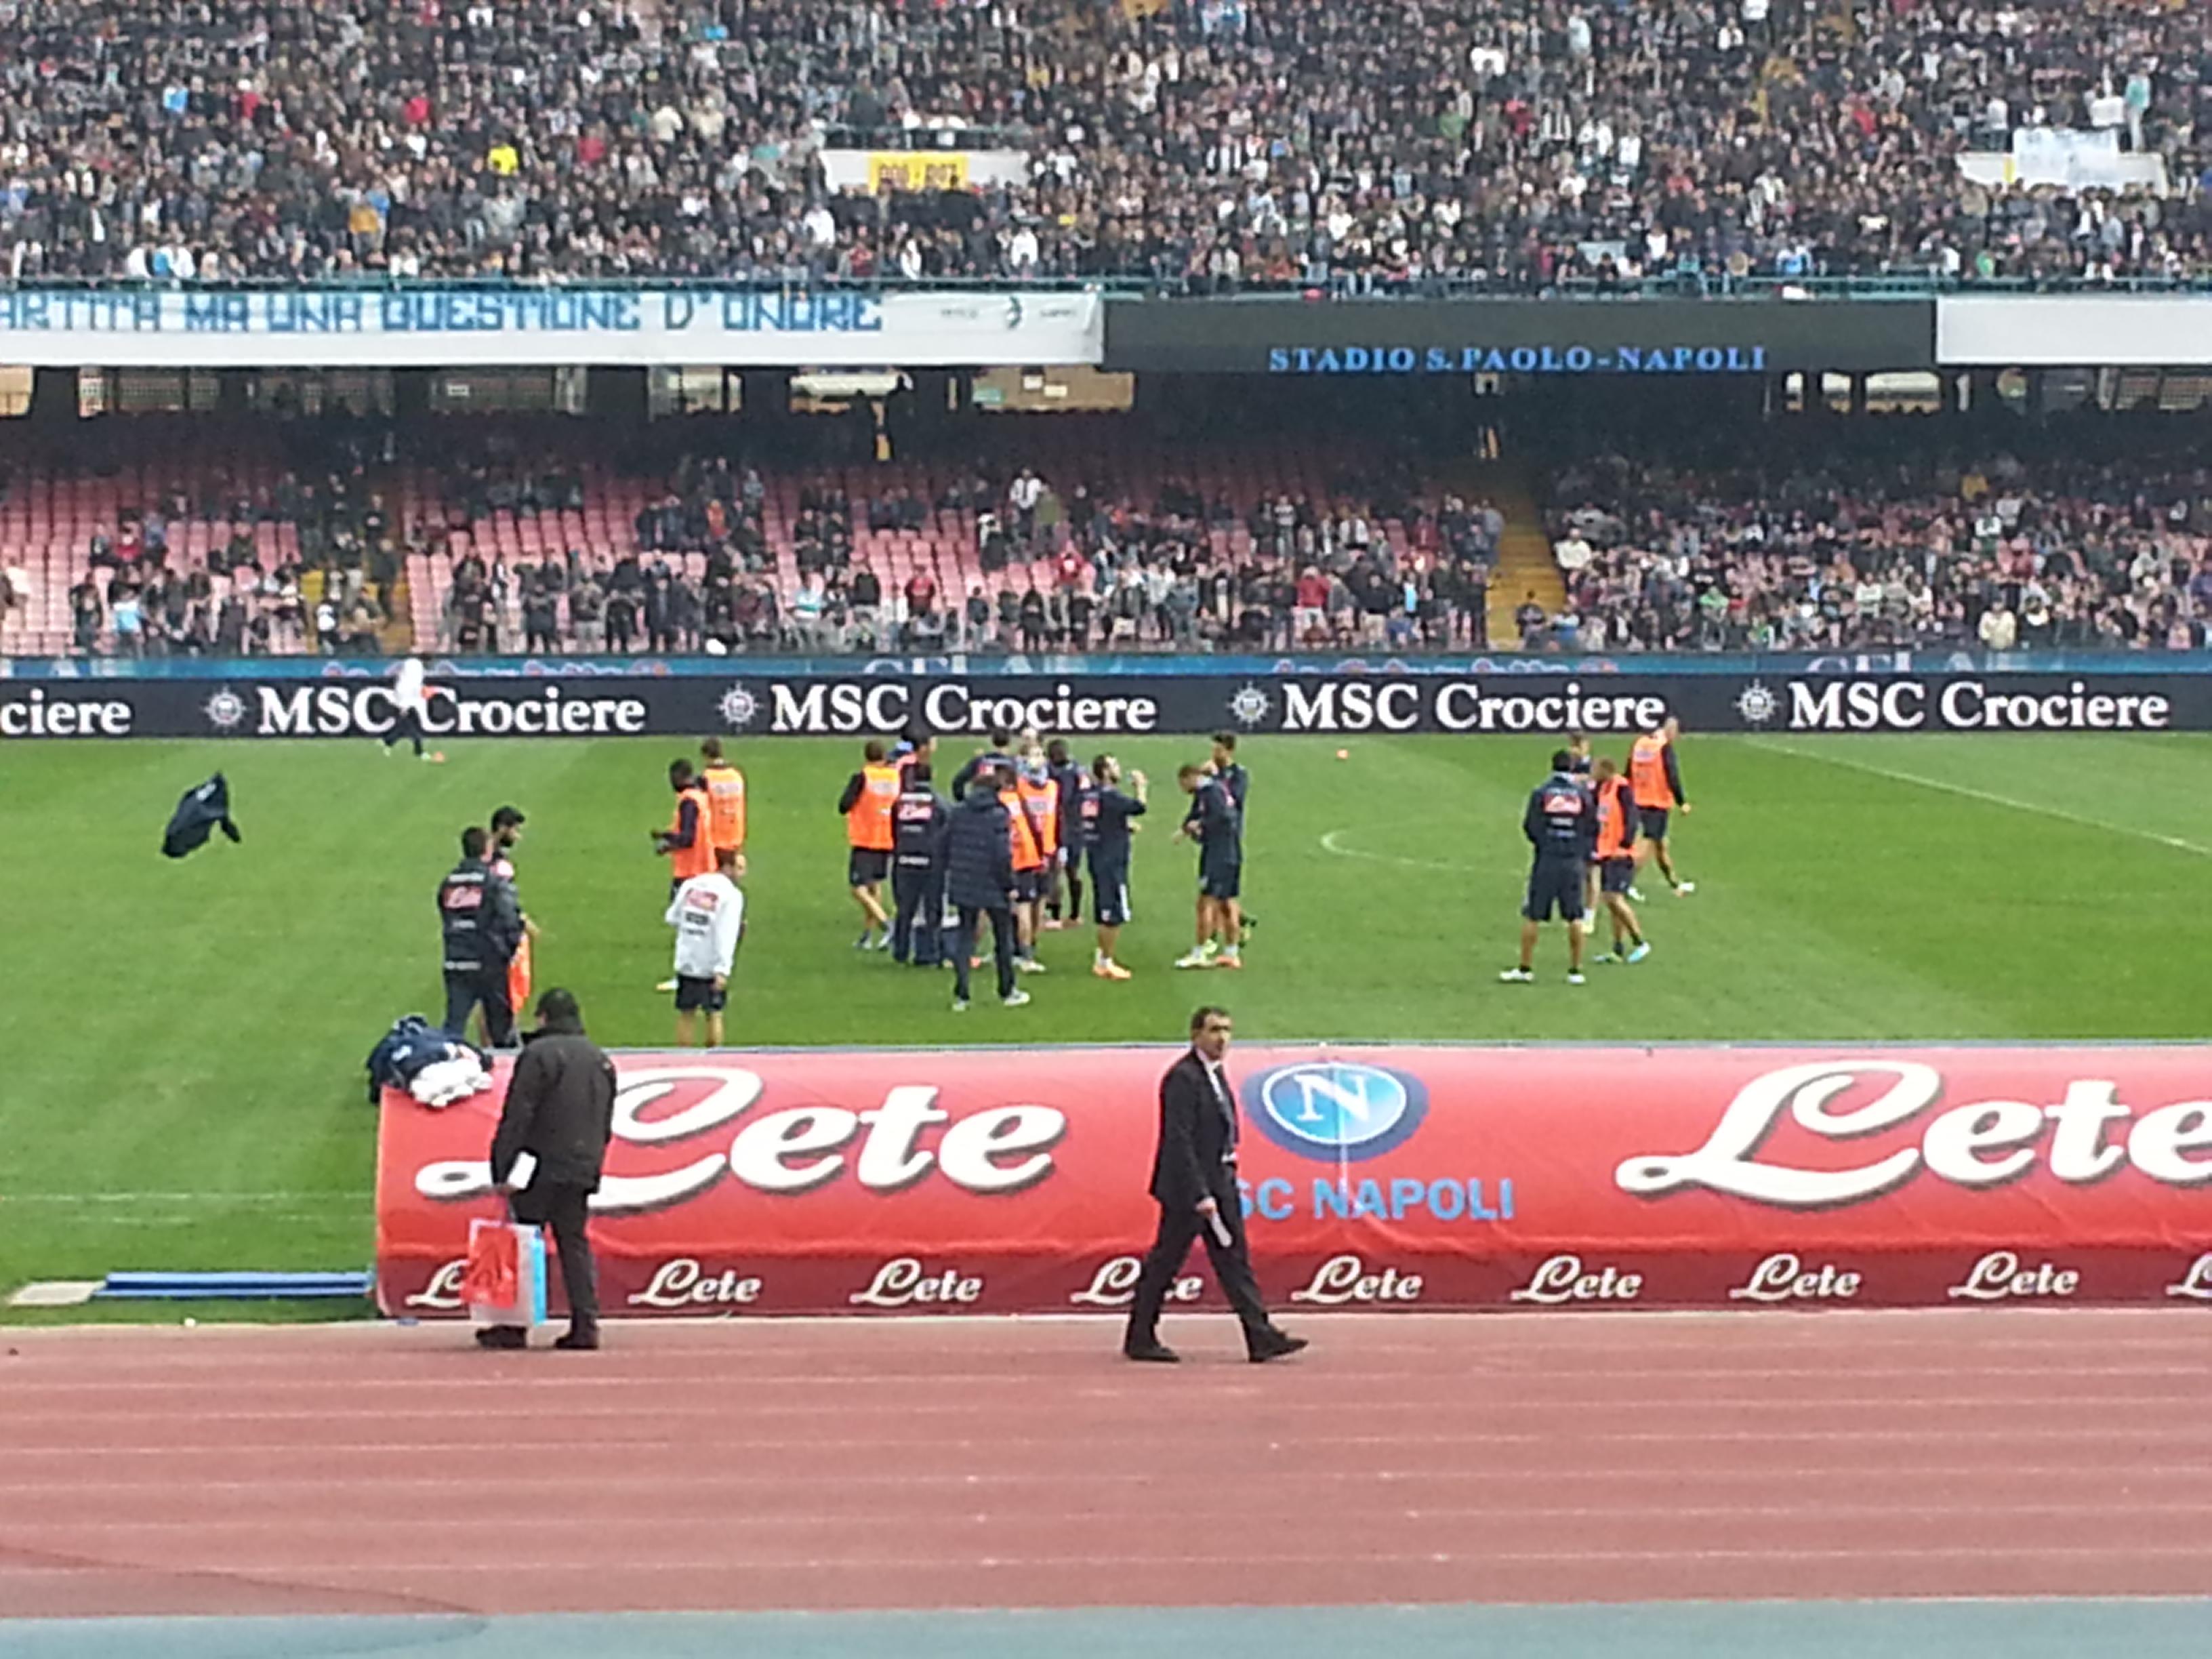 Allenamento del Napoli allo Stadio (fotogallery)